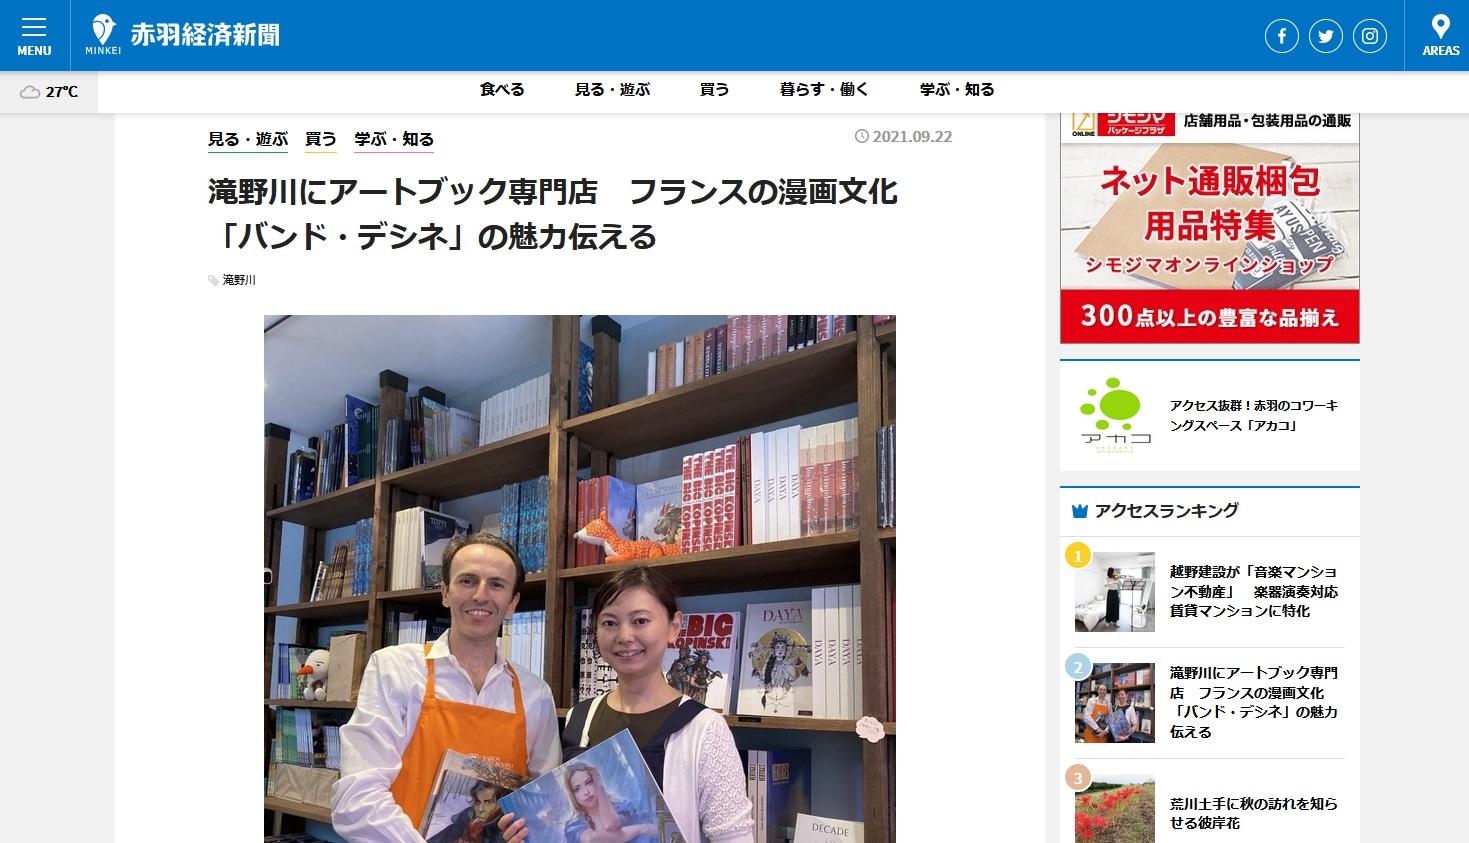 「メゾン・プティ・ルナール」が赤羽経済新聞で紹介されました。